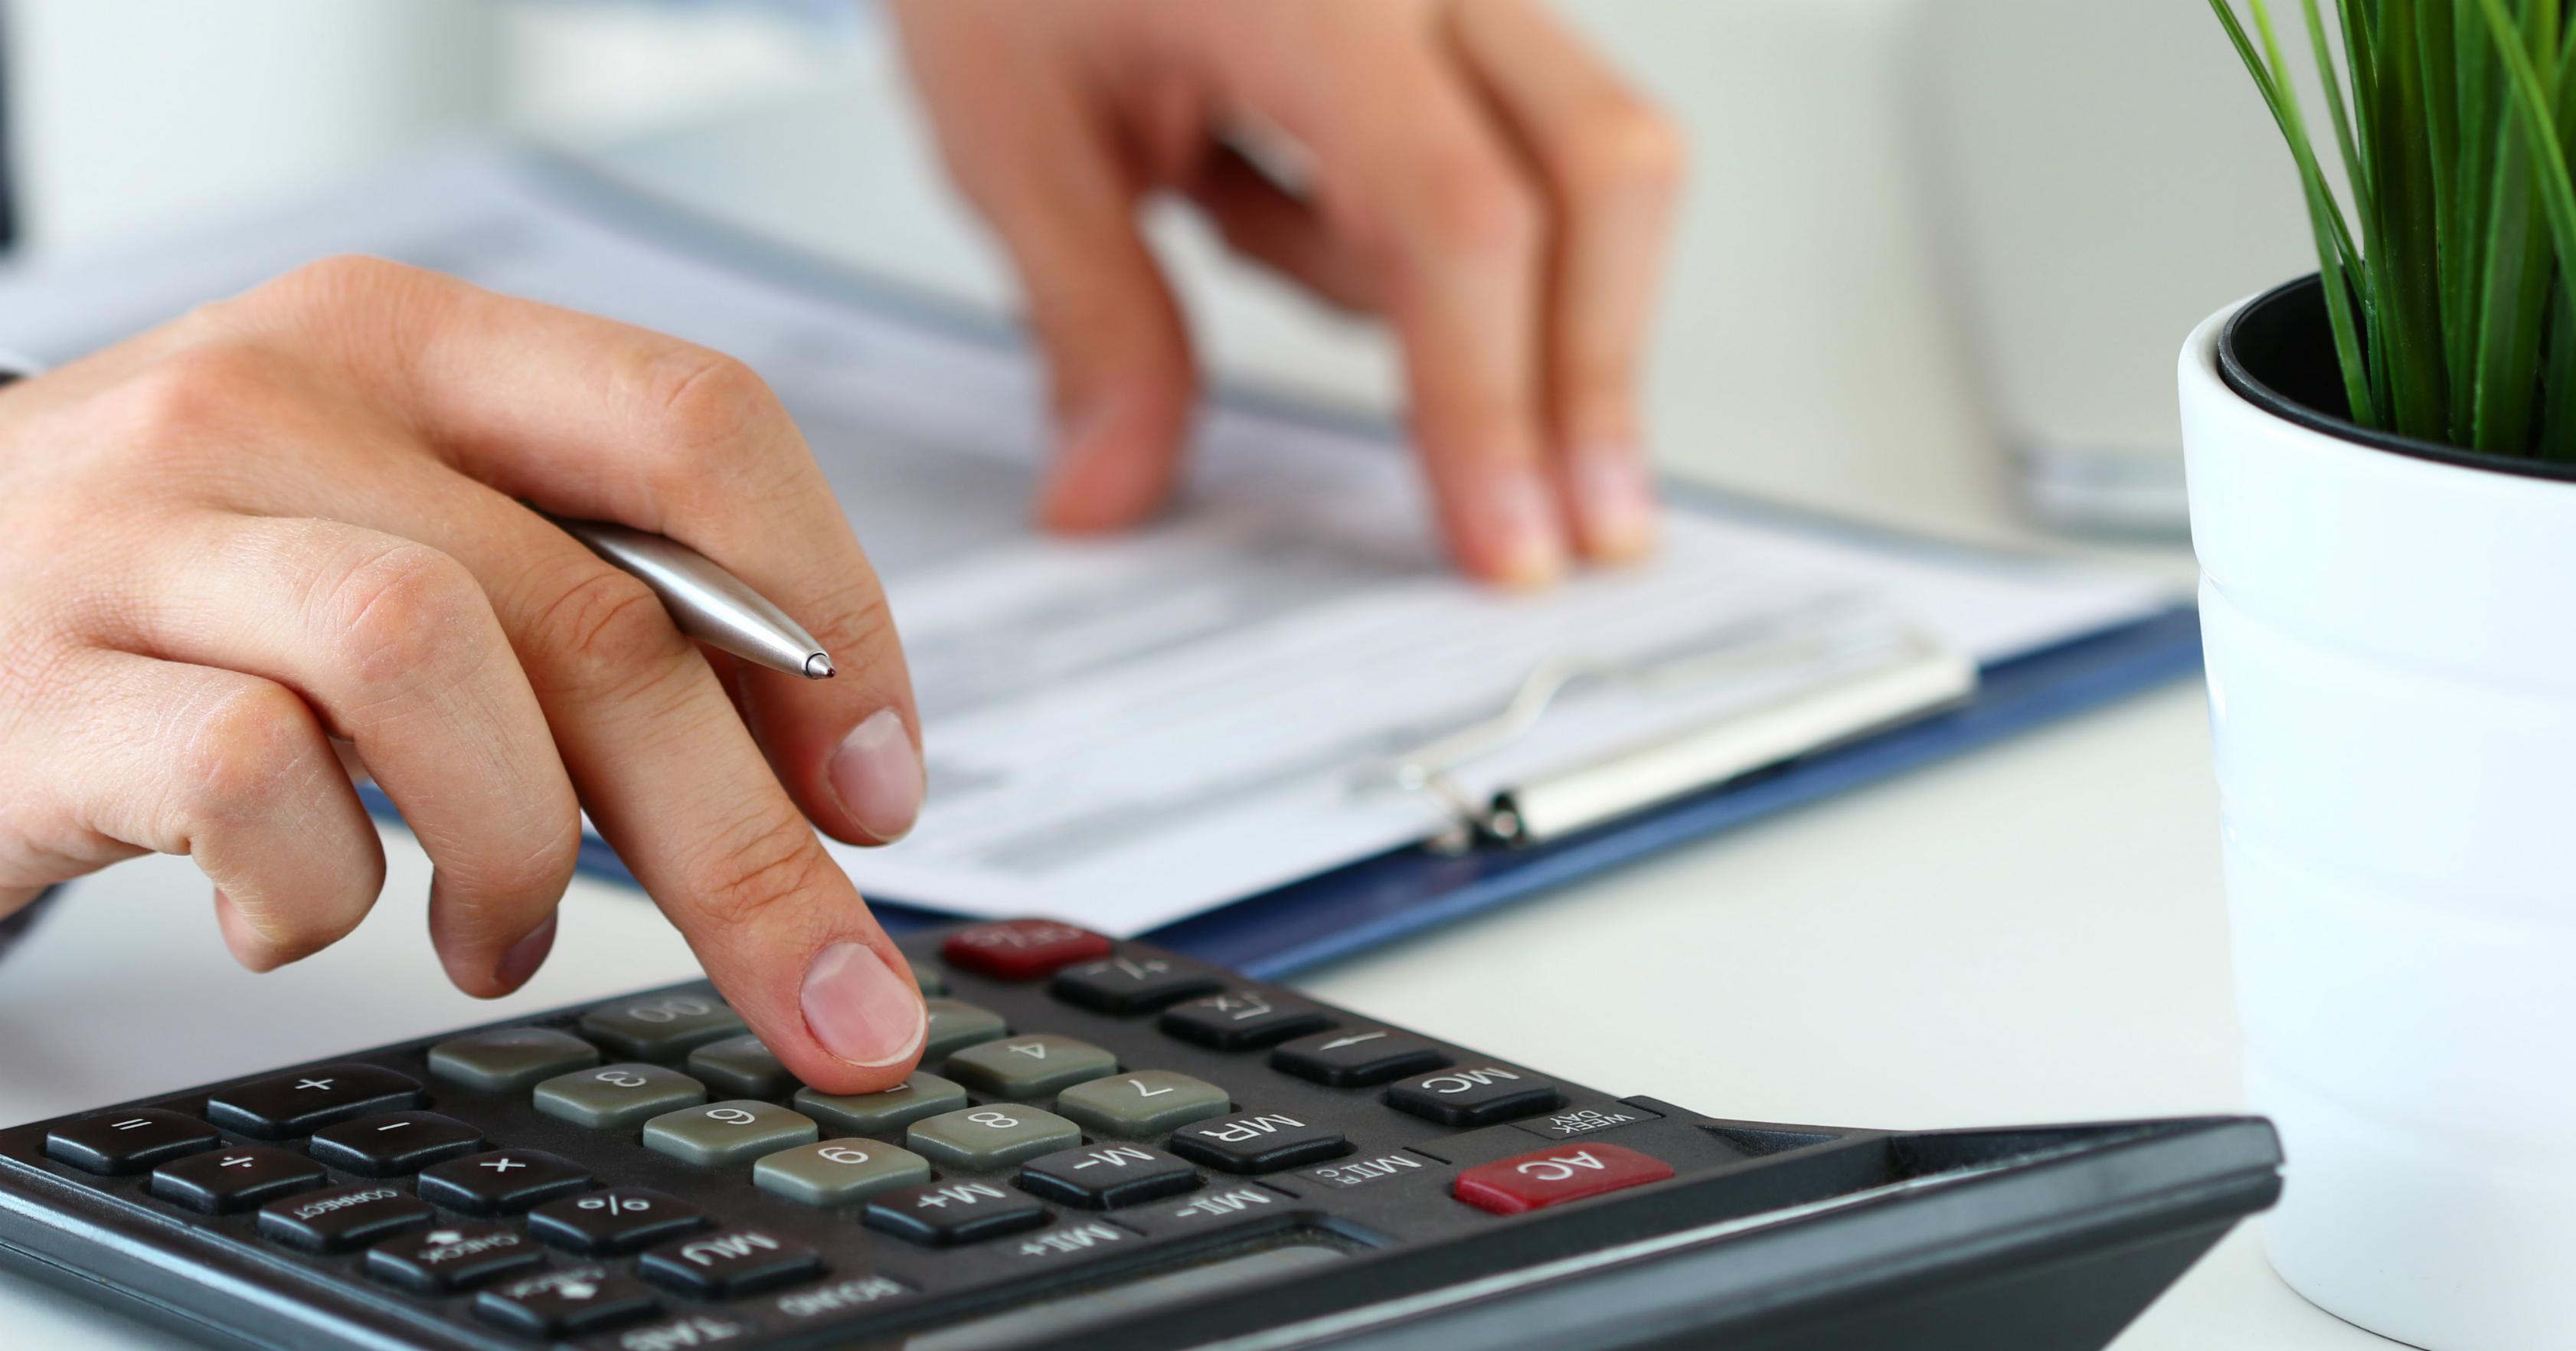 simulador de imposto de renda